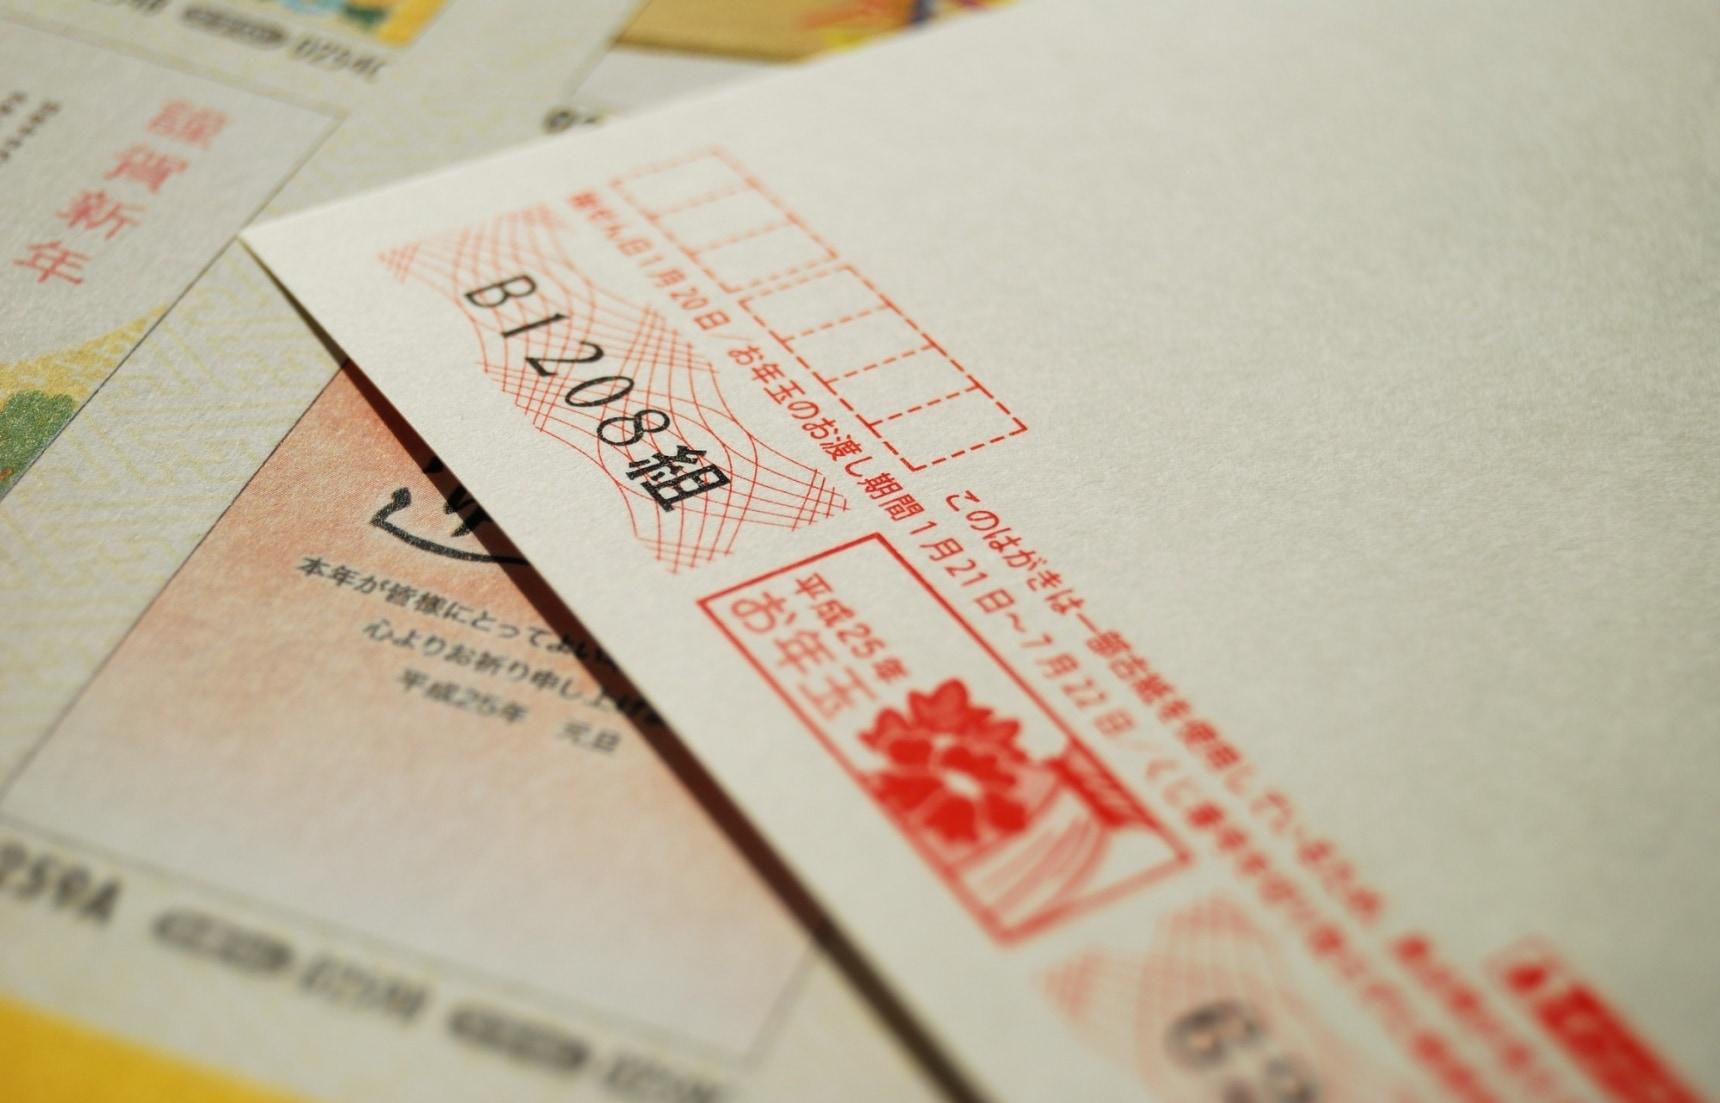 【深度日本】一張薄薄的明信片,滿載情意暖人心